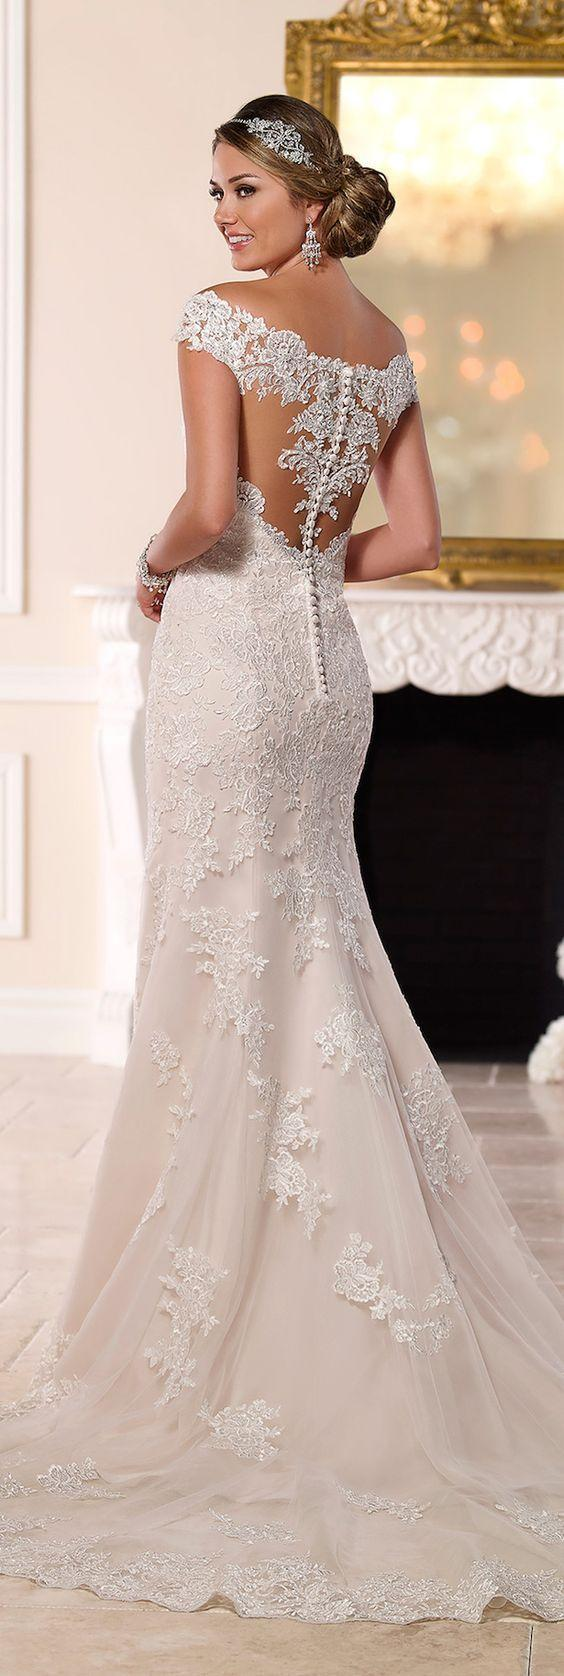 Mariage - Vestidos De Novia